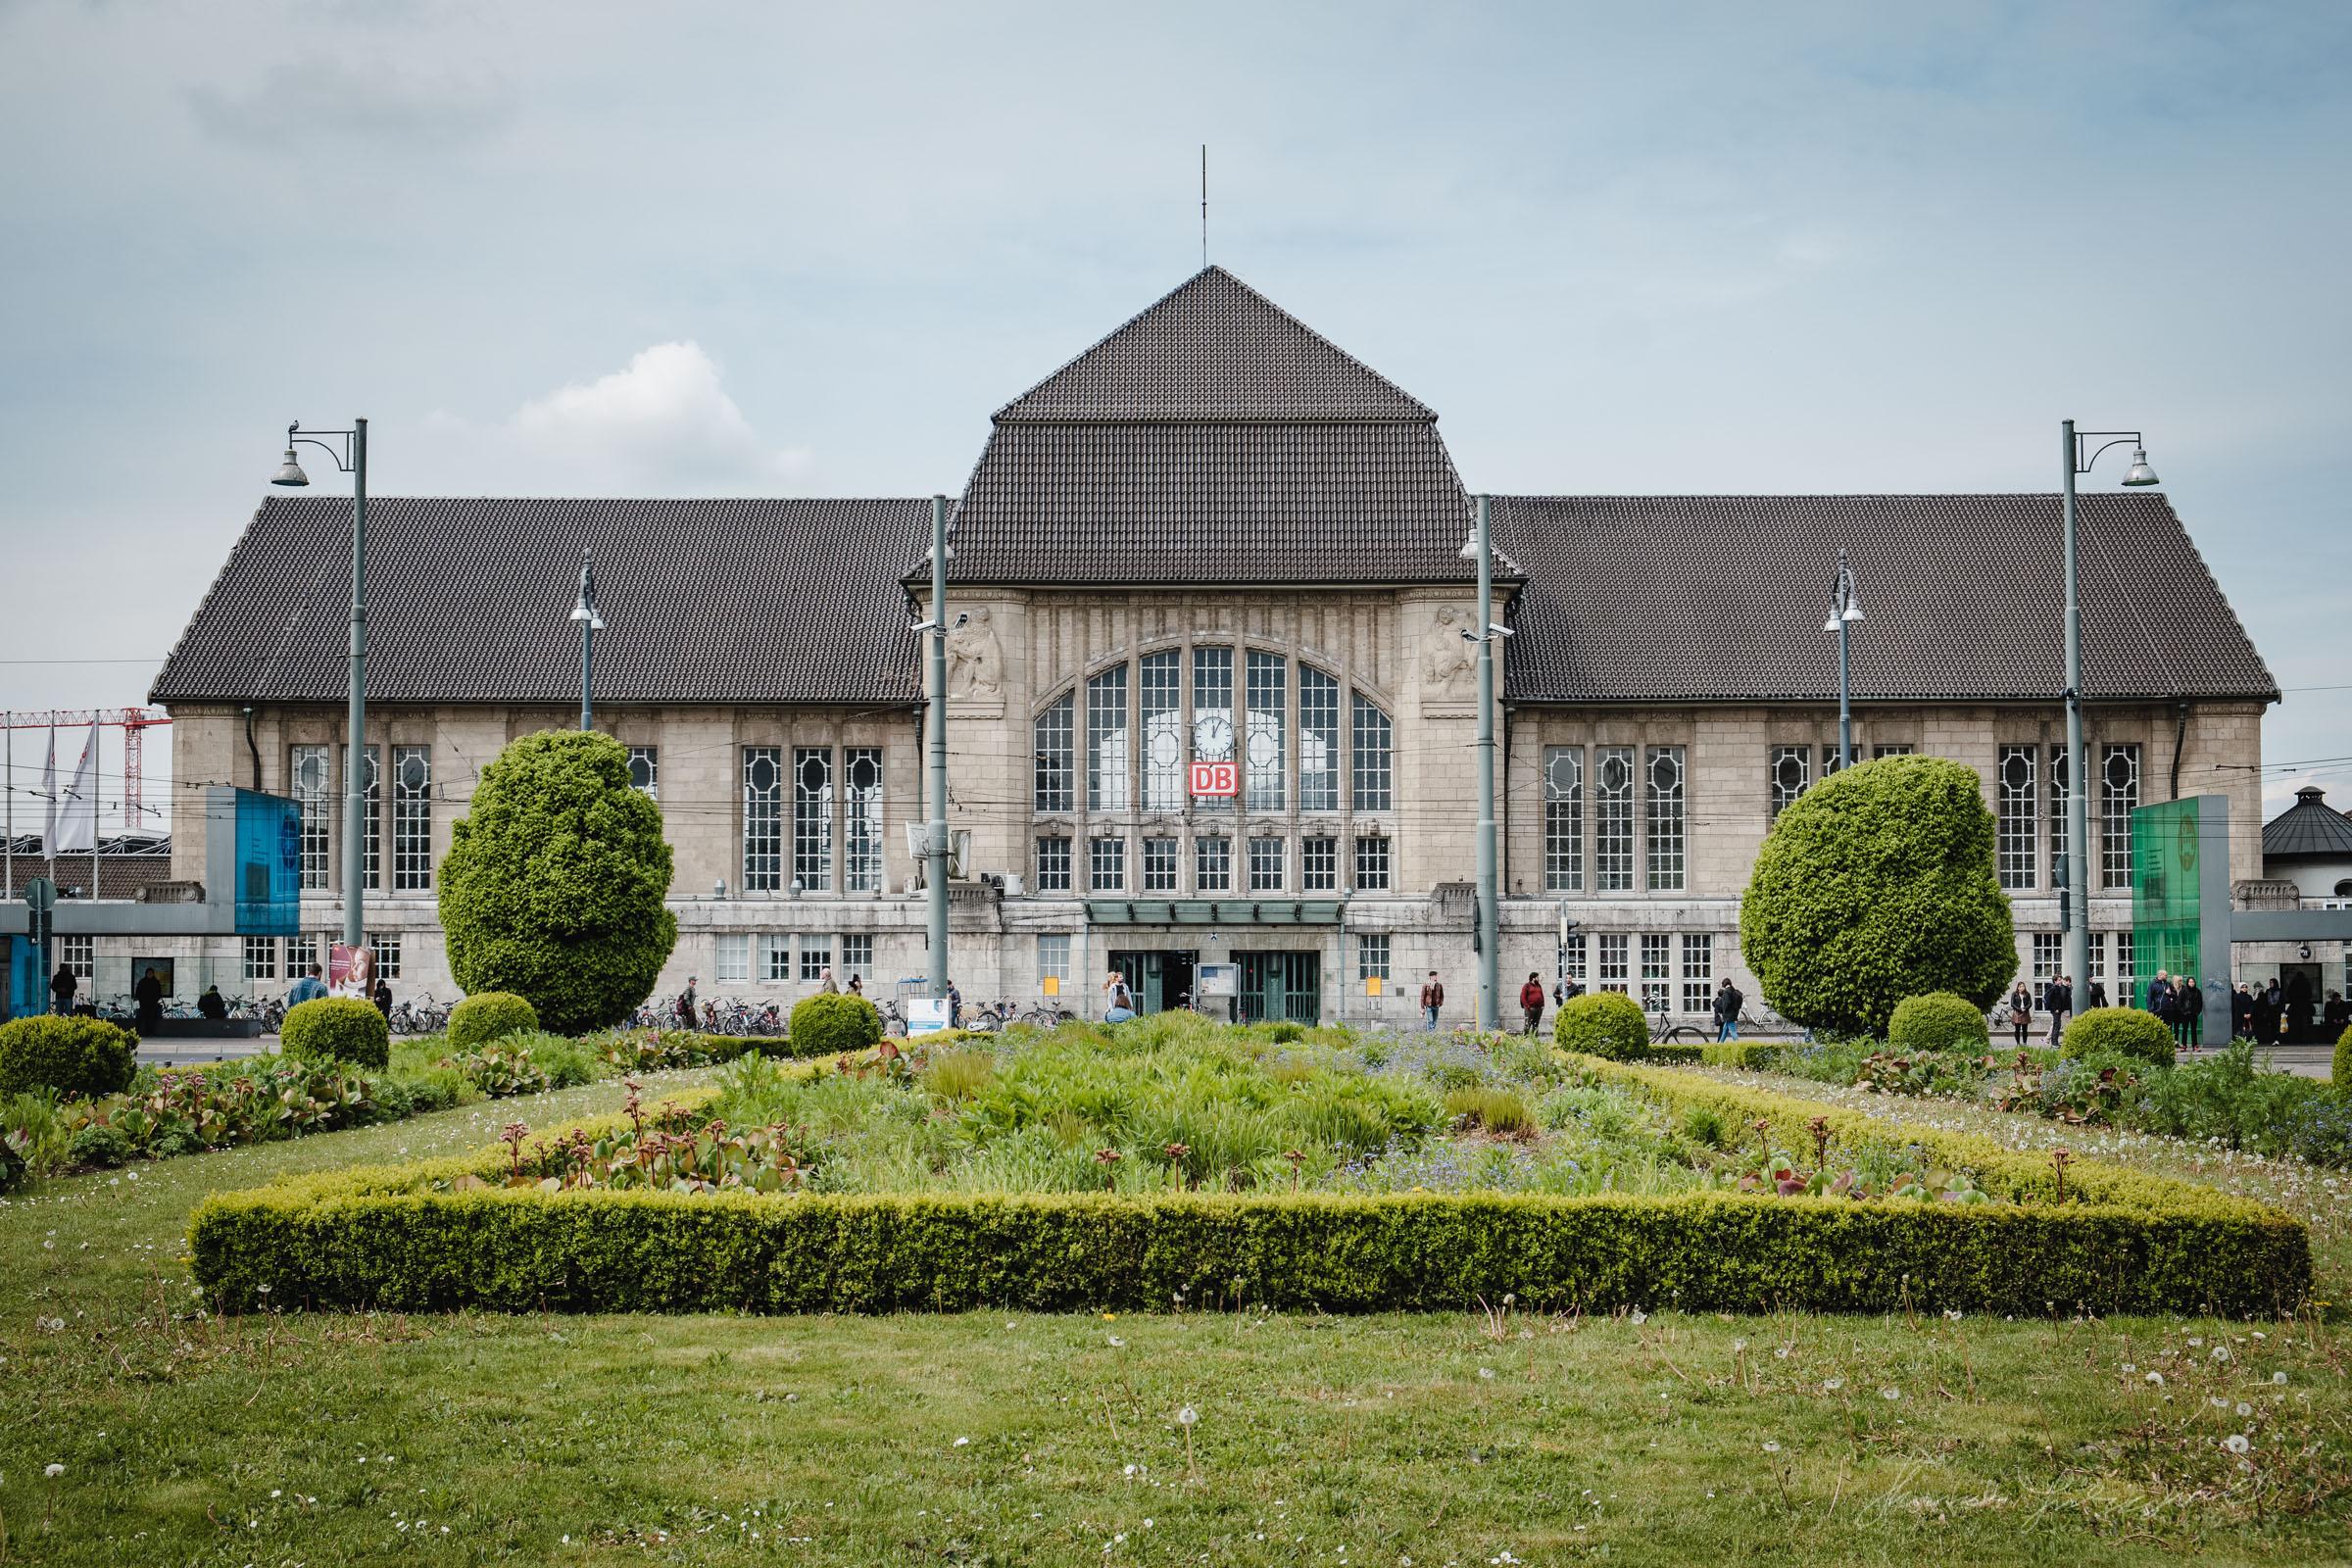 Train Station in Darmstadt